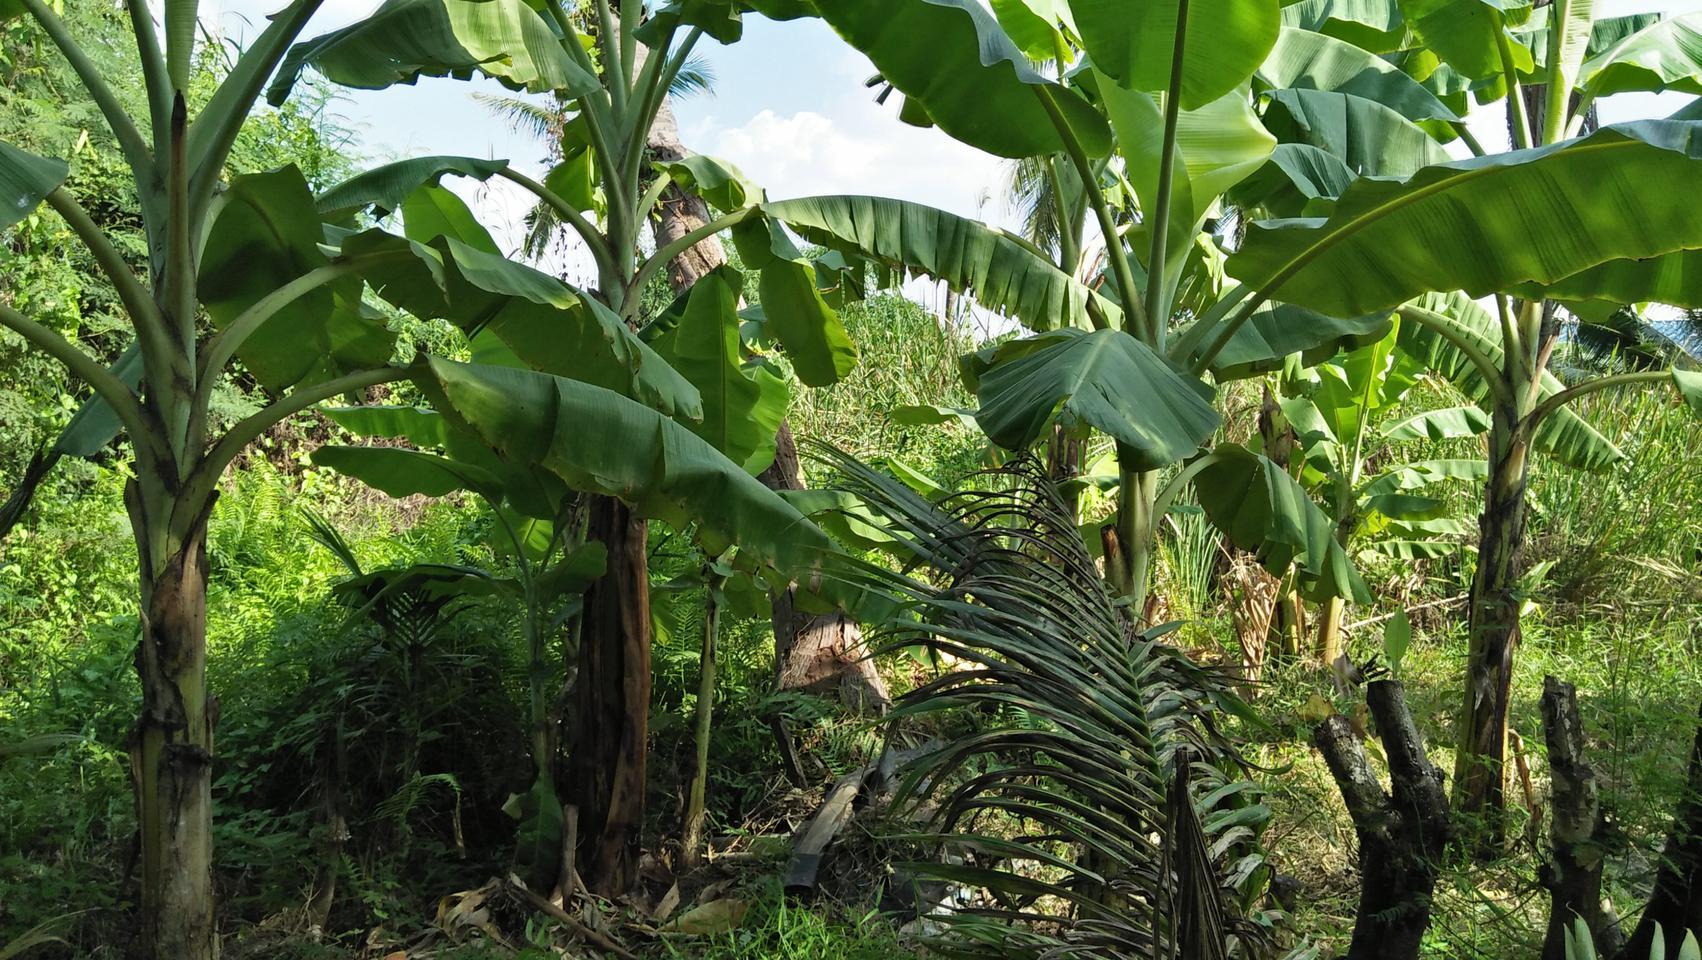 ที่ดินพร้อมบ้านเล็กๆสวนไร่กว่าใกล้แหล่งน้ำและเงียบสงบ ชานเมื รูปที่ 2